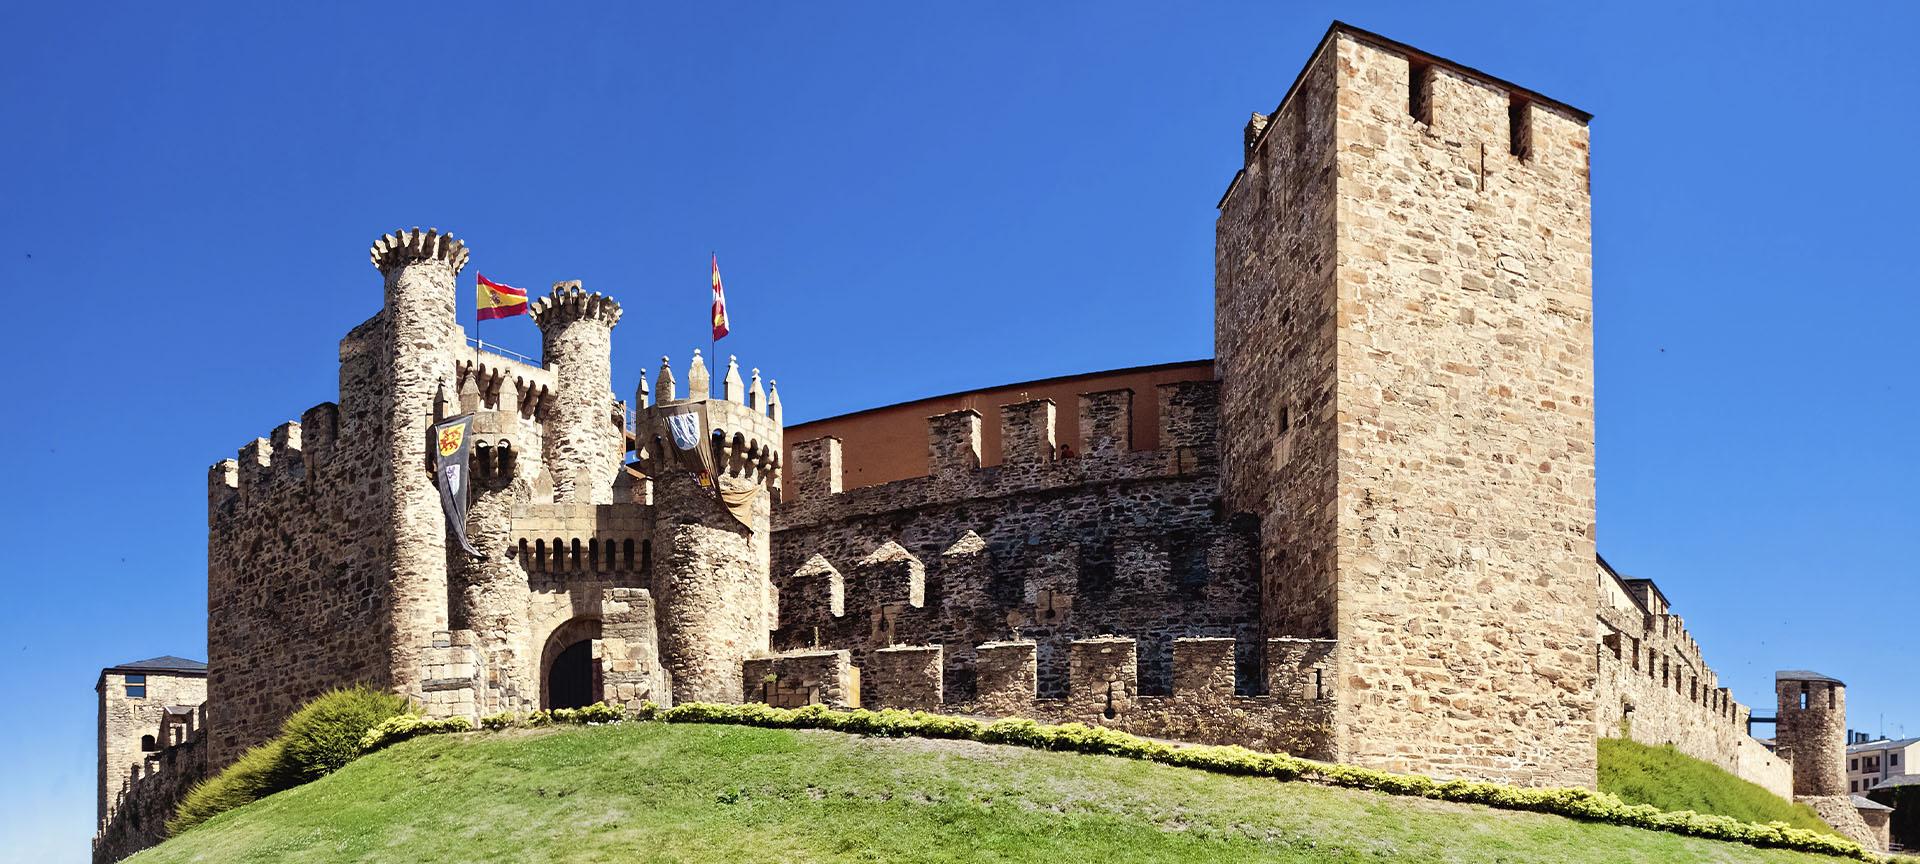 Château des Templiers à Ponferrada | spain.info en français